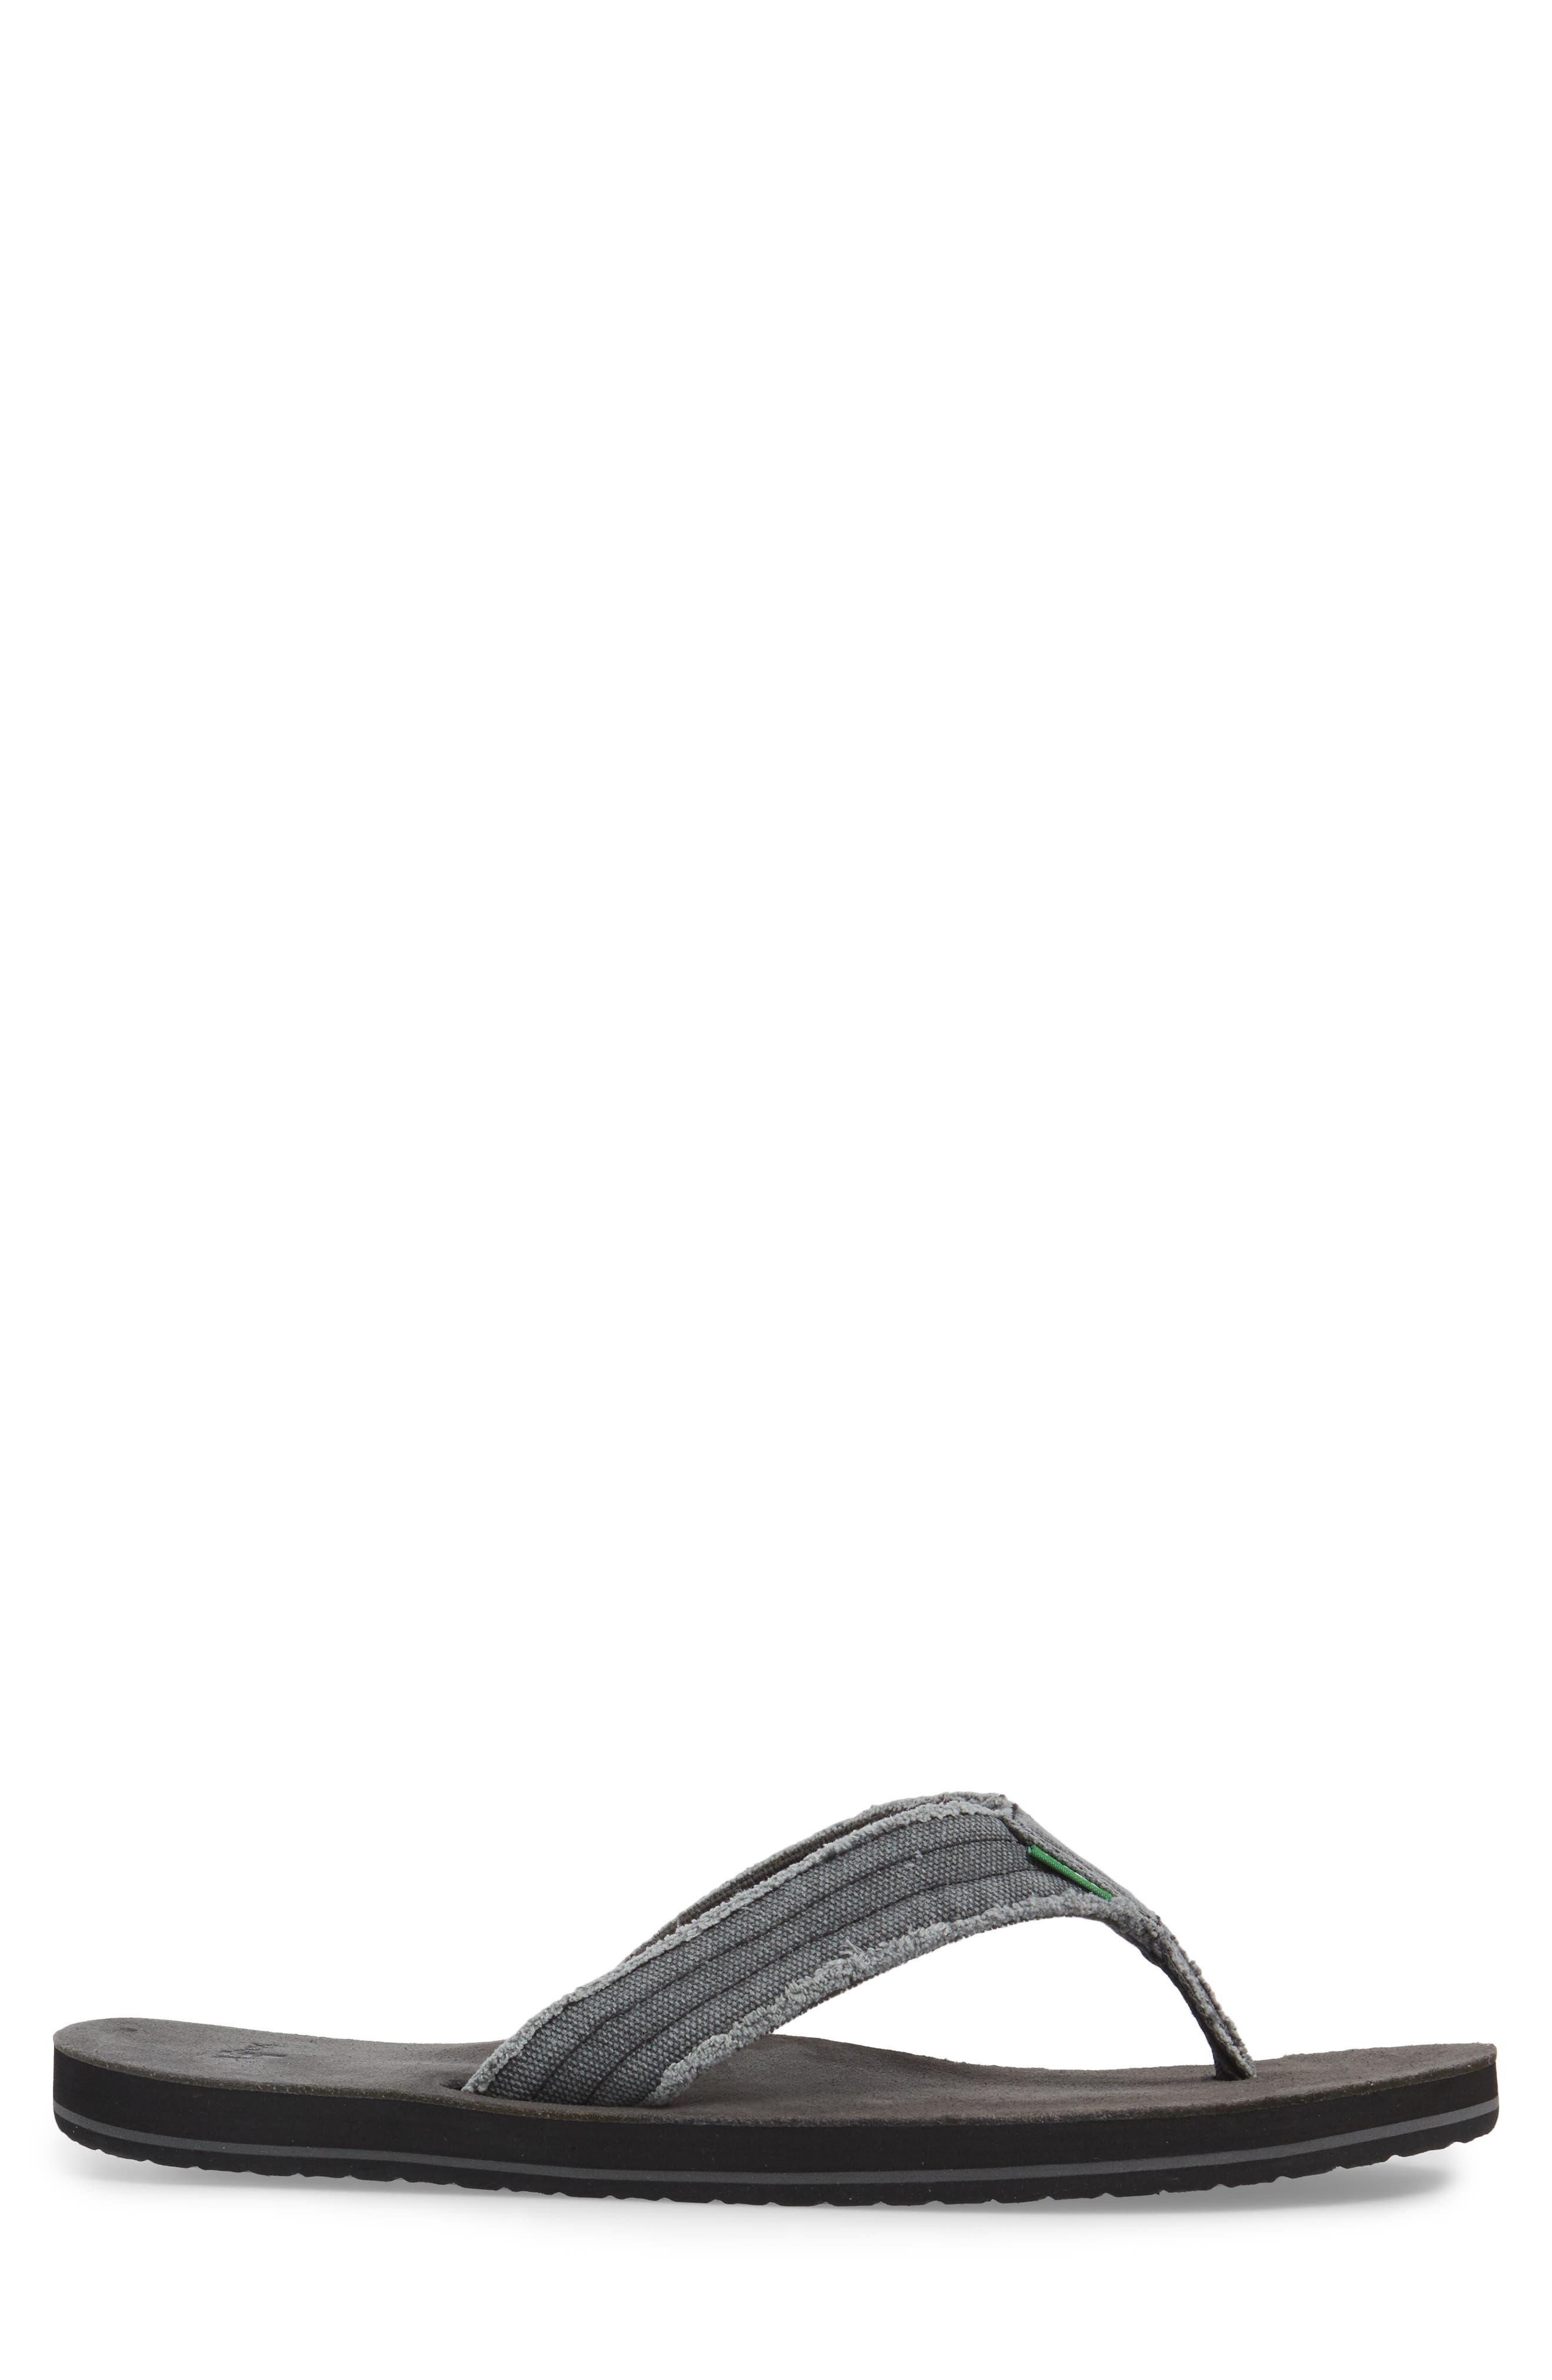 'Fraid Not' Flip Flop,                             Alternate thumbnail 3, color,                             020